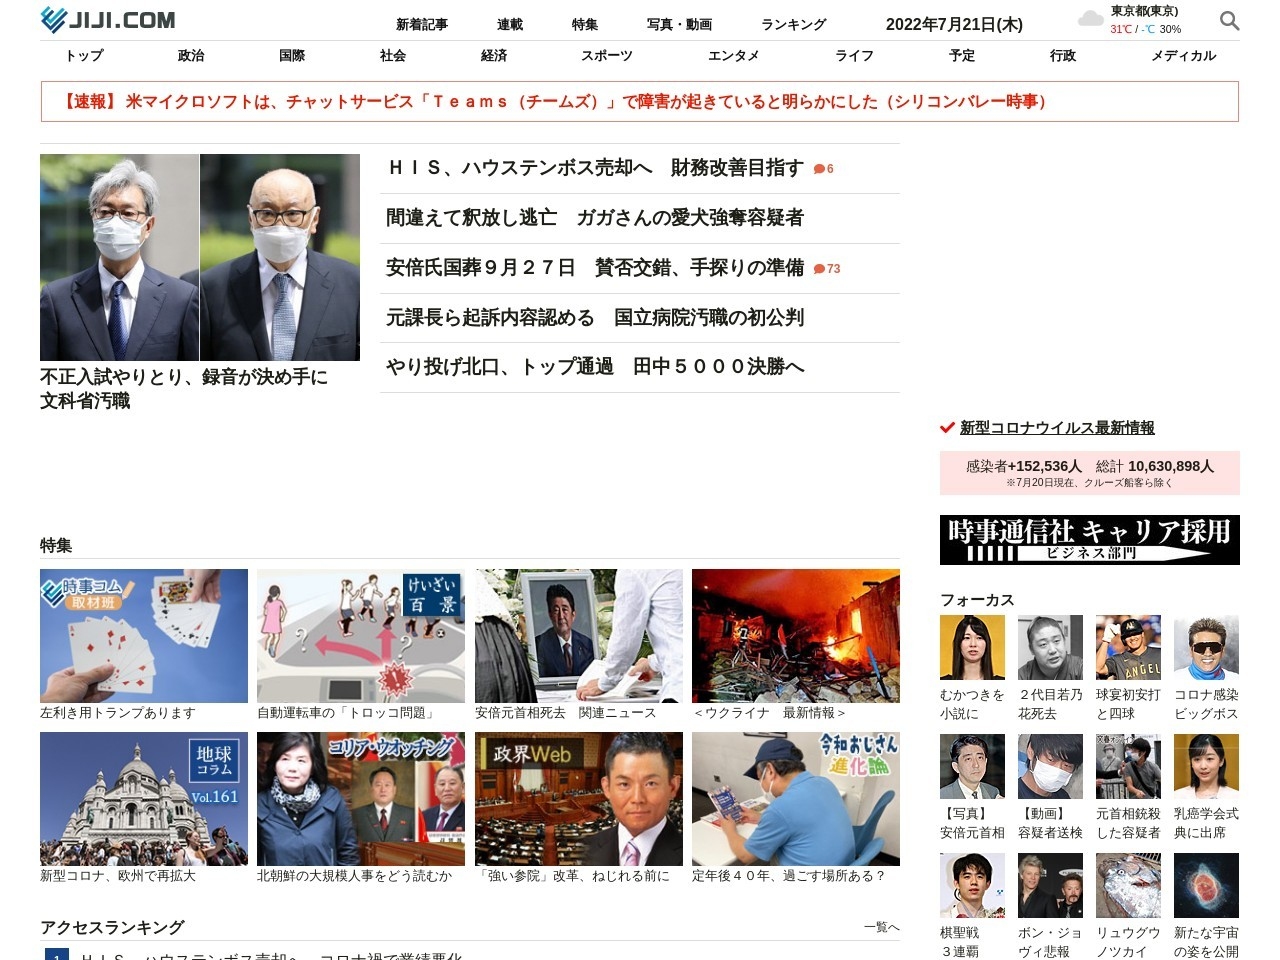 交通アクセスの中央区、買い物便利な渋谷区、教育子育て面で魅力の港区!~港区・渋谷区・中央区 …